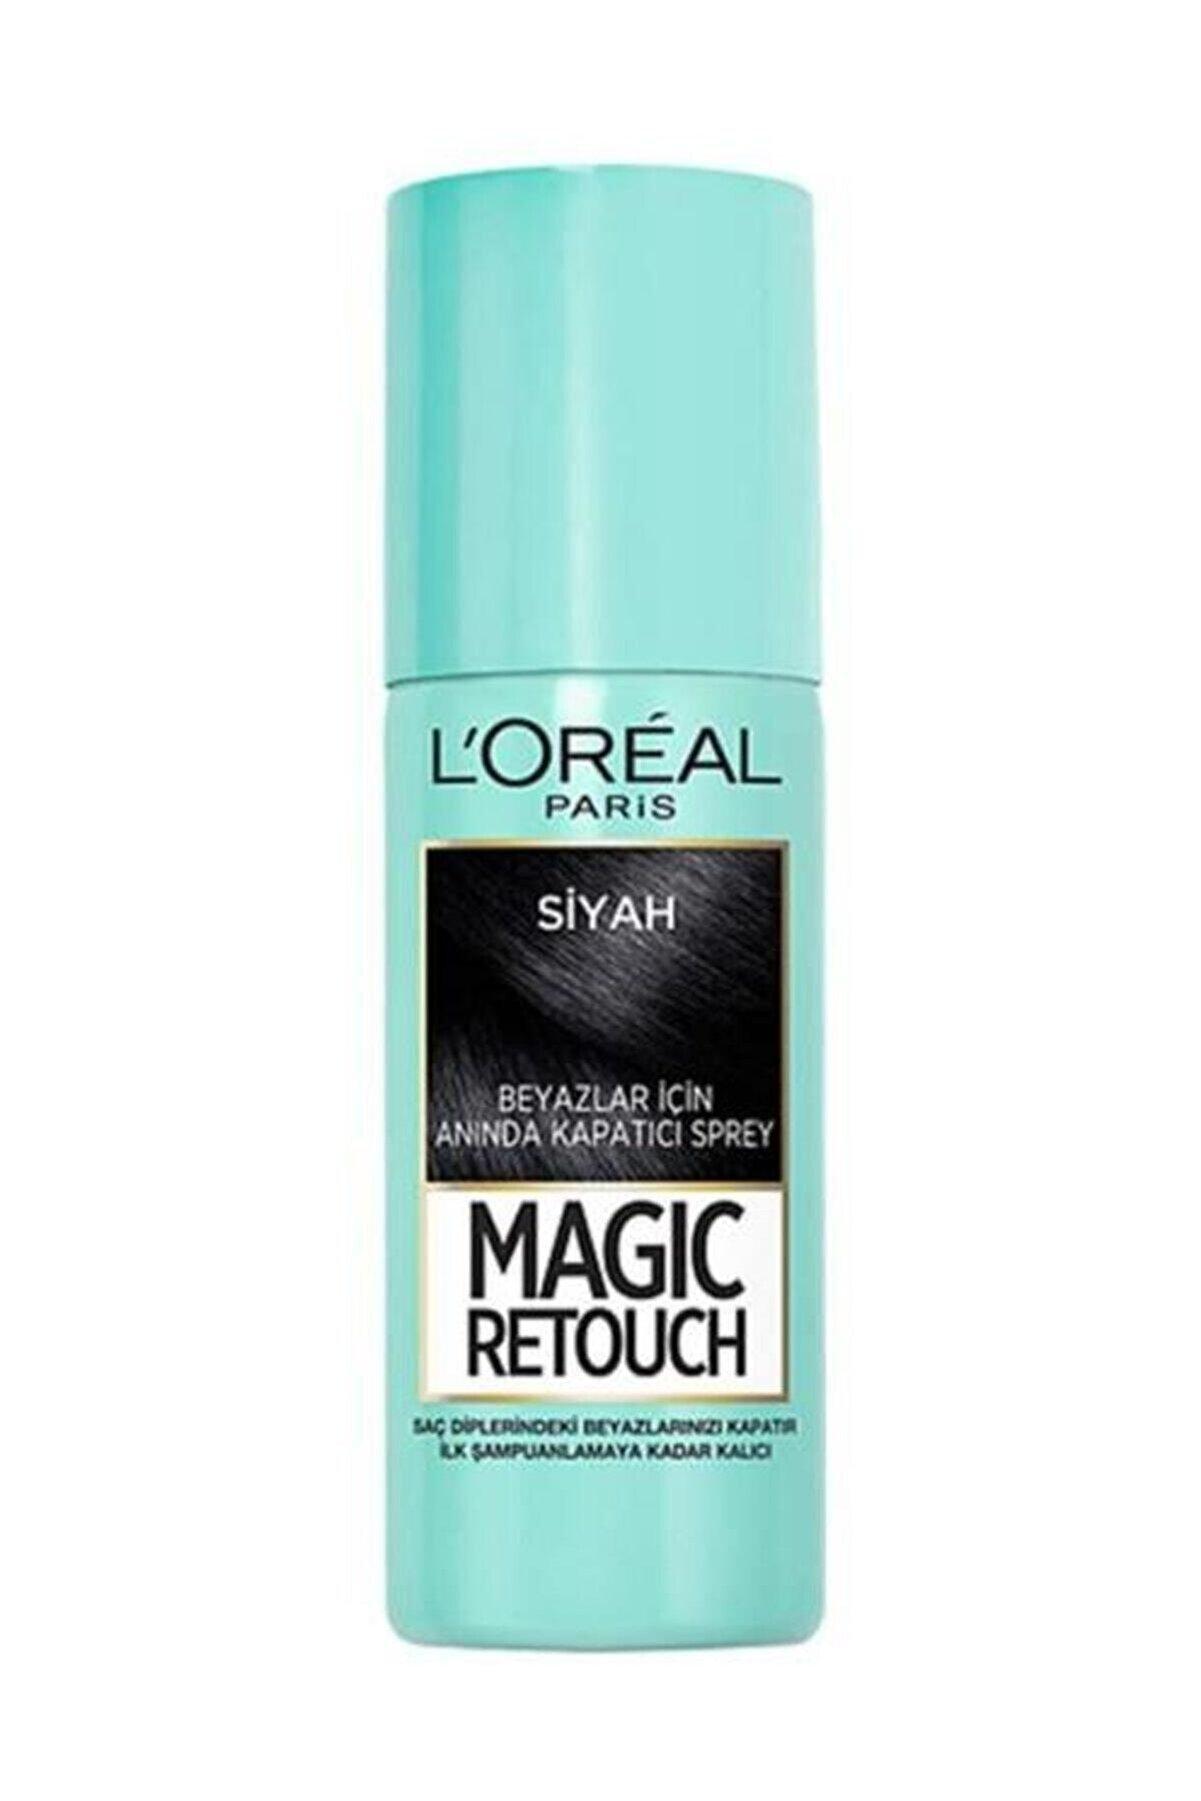 L'Oreal Paris Beyaz Saçlar Için Kapatıcı Siyah Saç Spreyi - Magic Retouch 01 Noir 75 ml